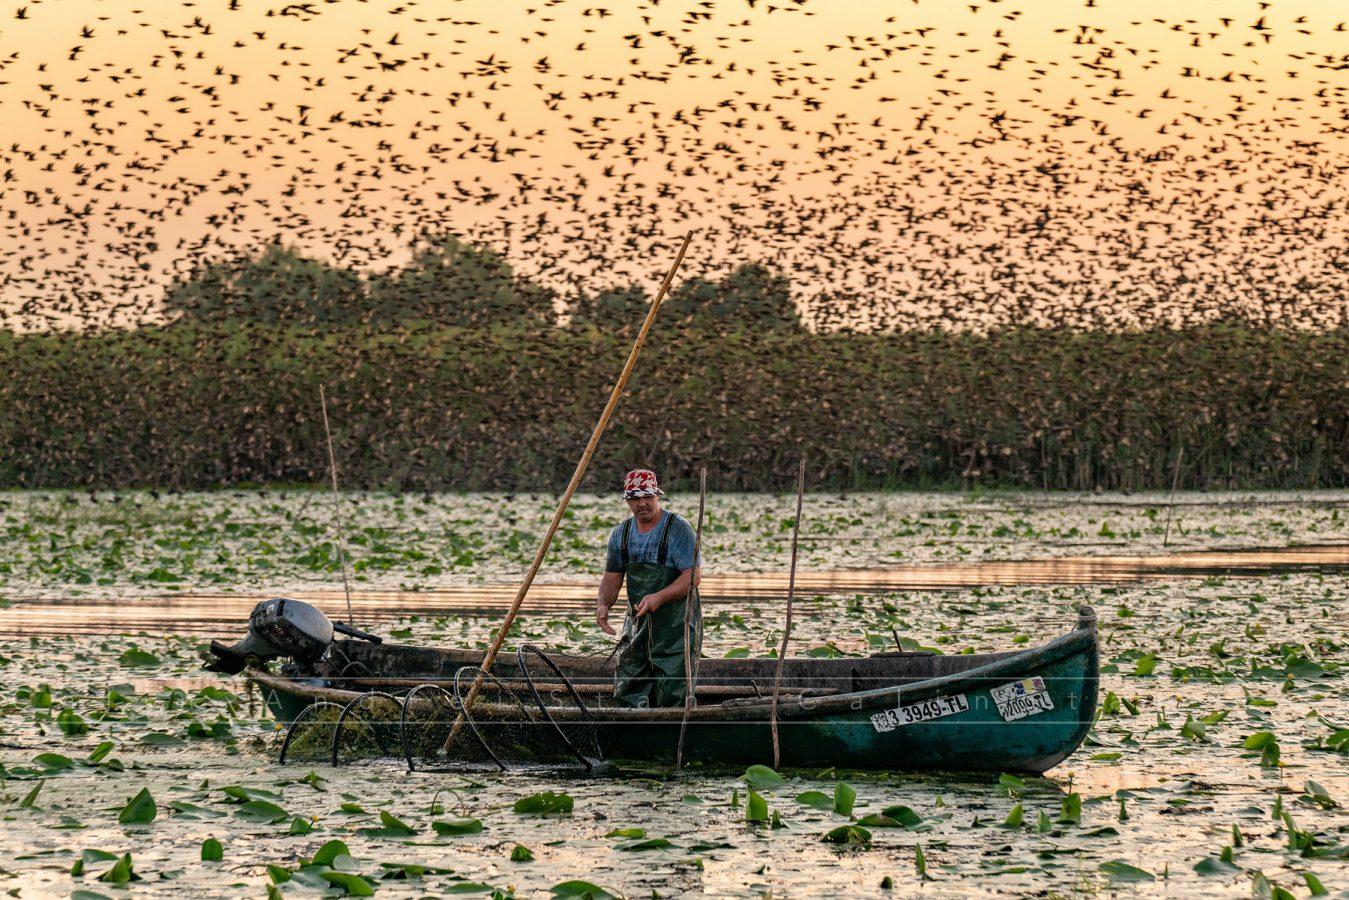 Pescar verificând plasele, la răsărit. Stol de Grauri în fundal. Mila 23, Delta Dunării, August 2019